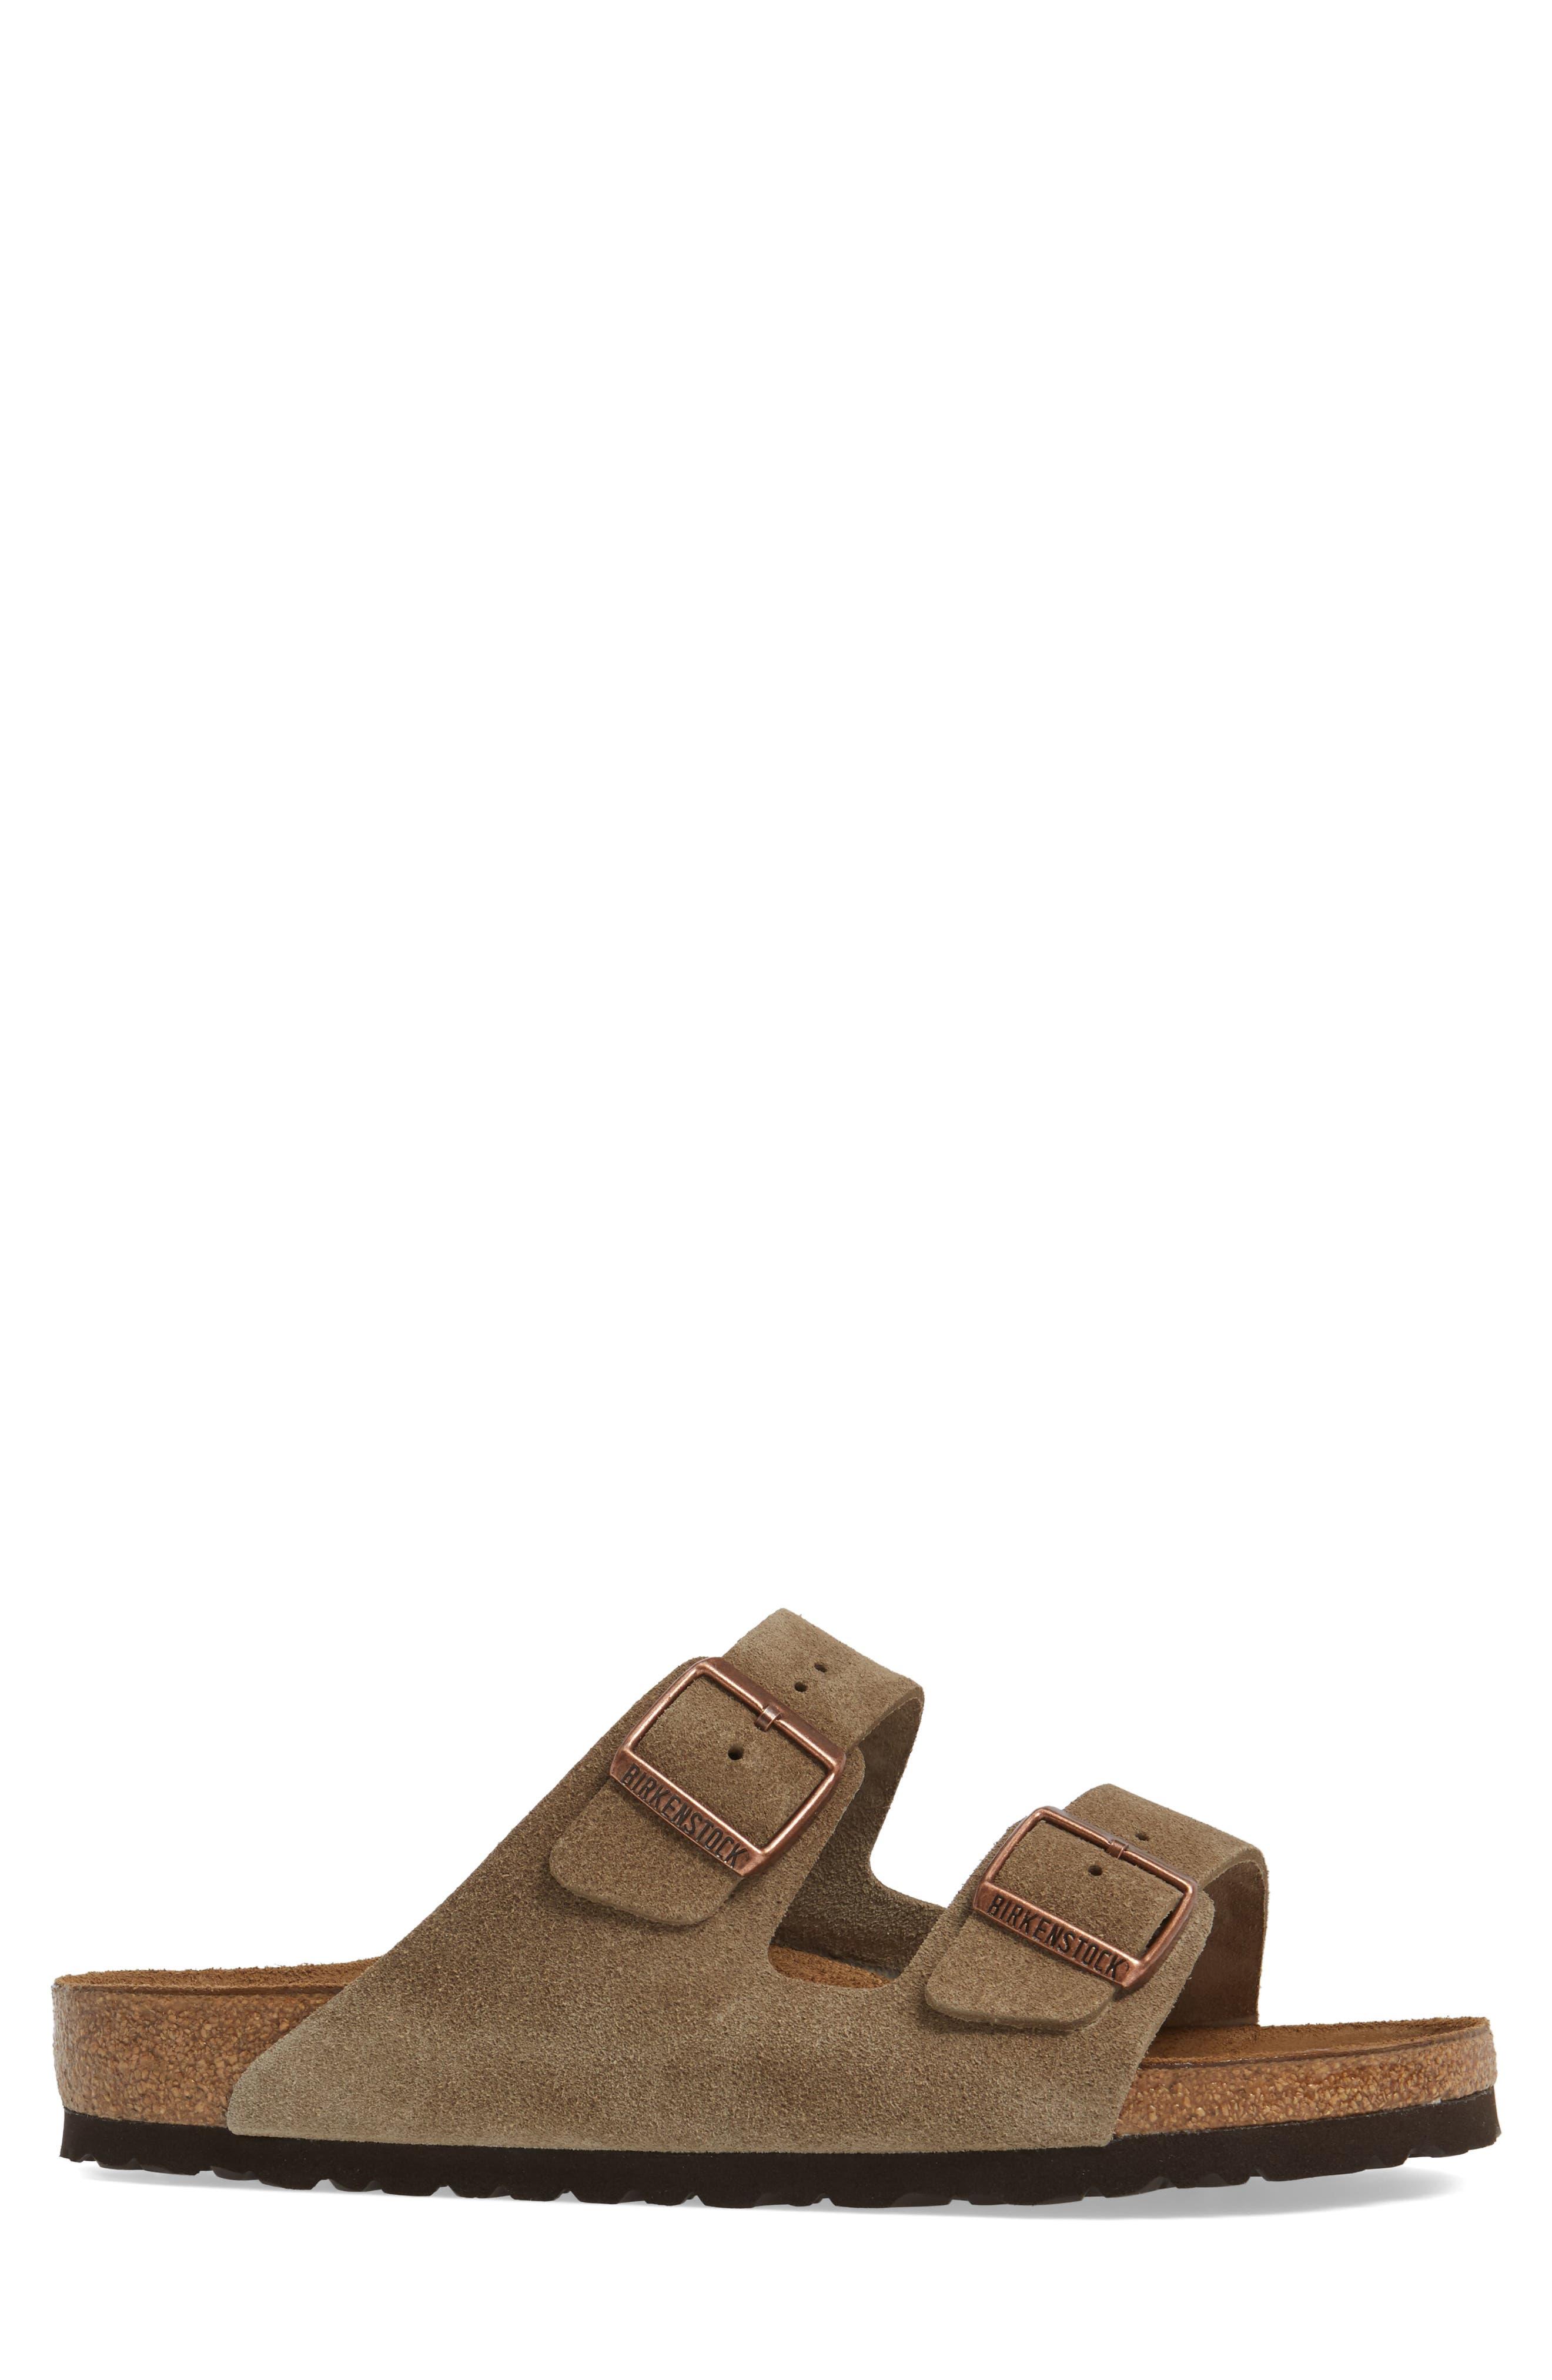 'Arizona' Sandal,                             Alternate thumbnail 4, color,                             TAUPE